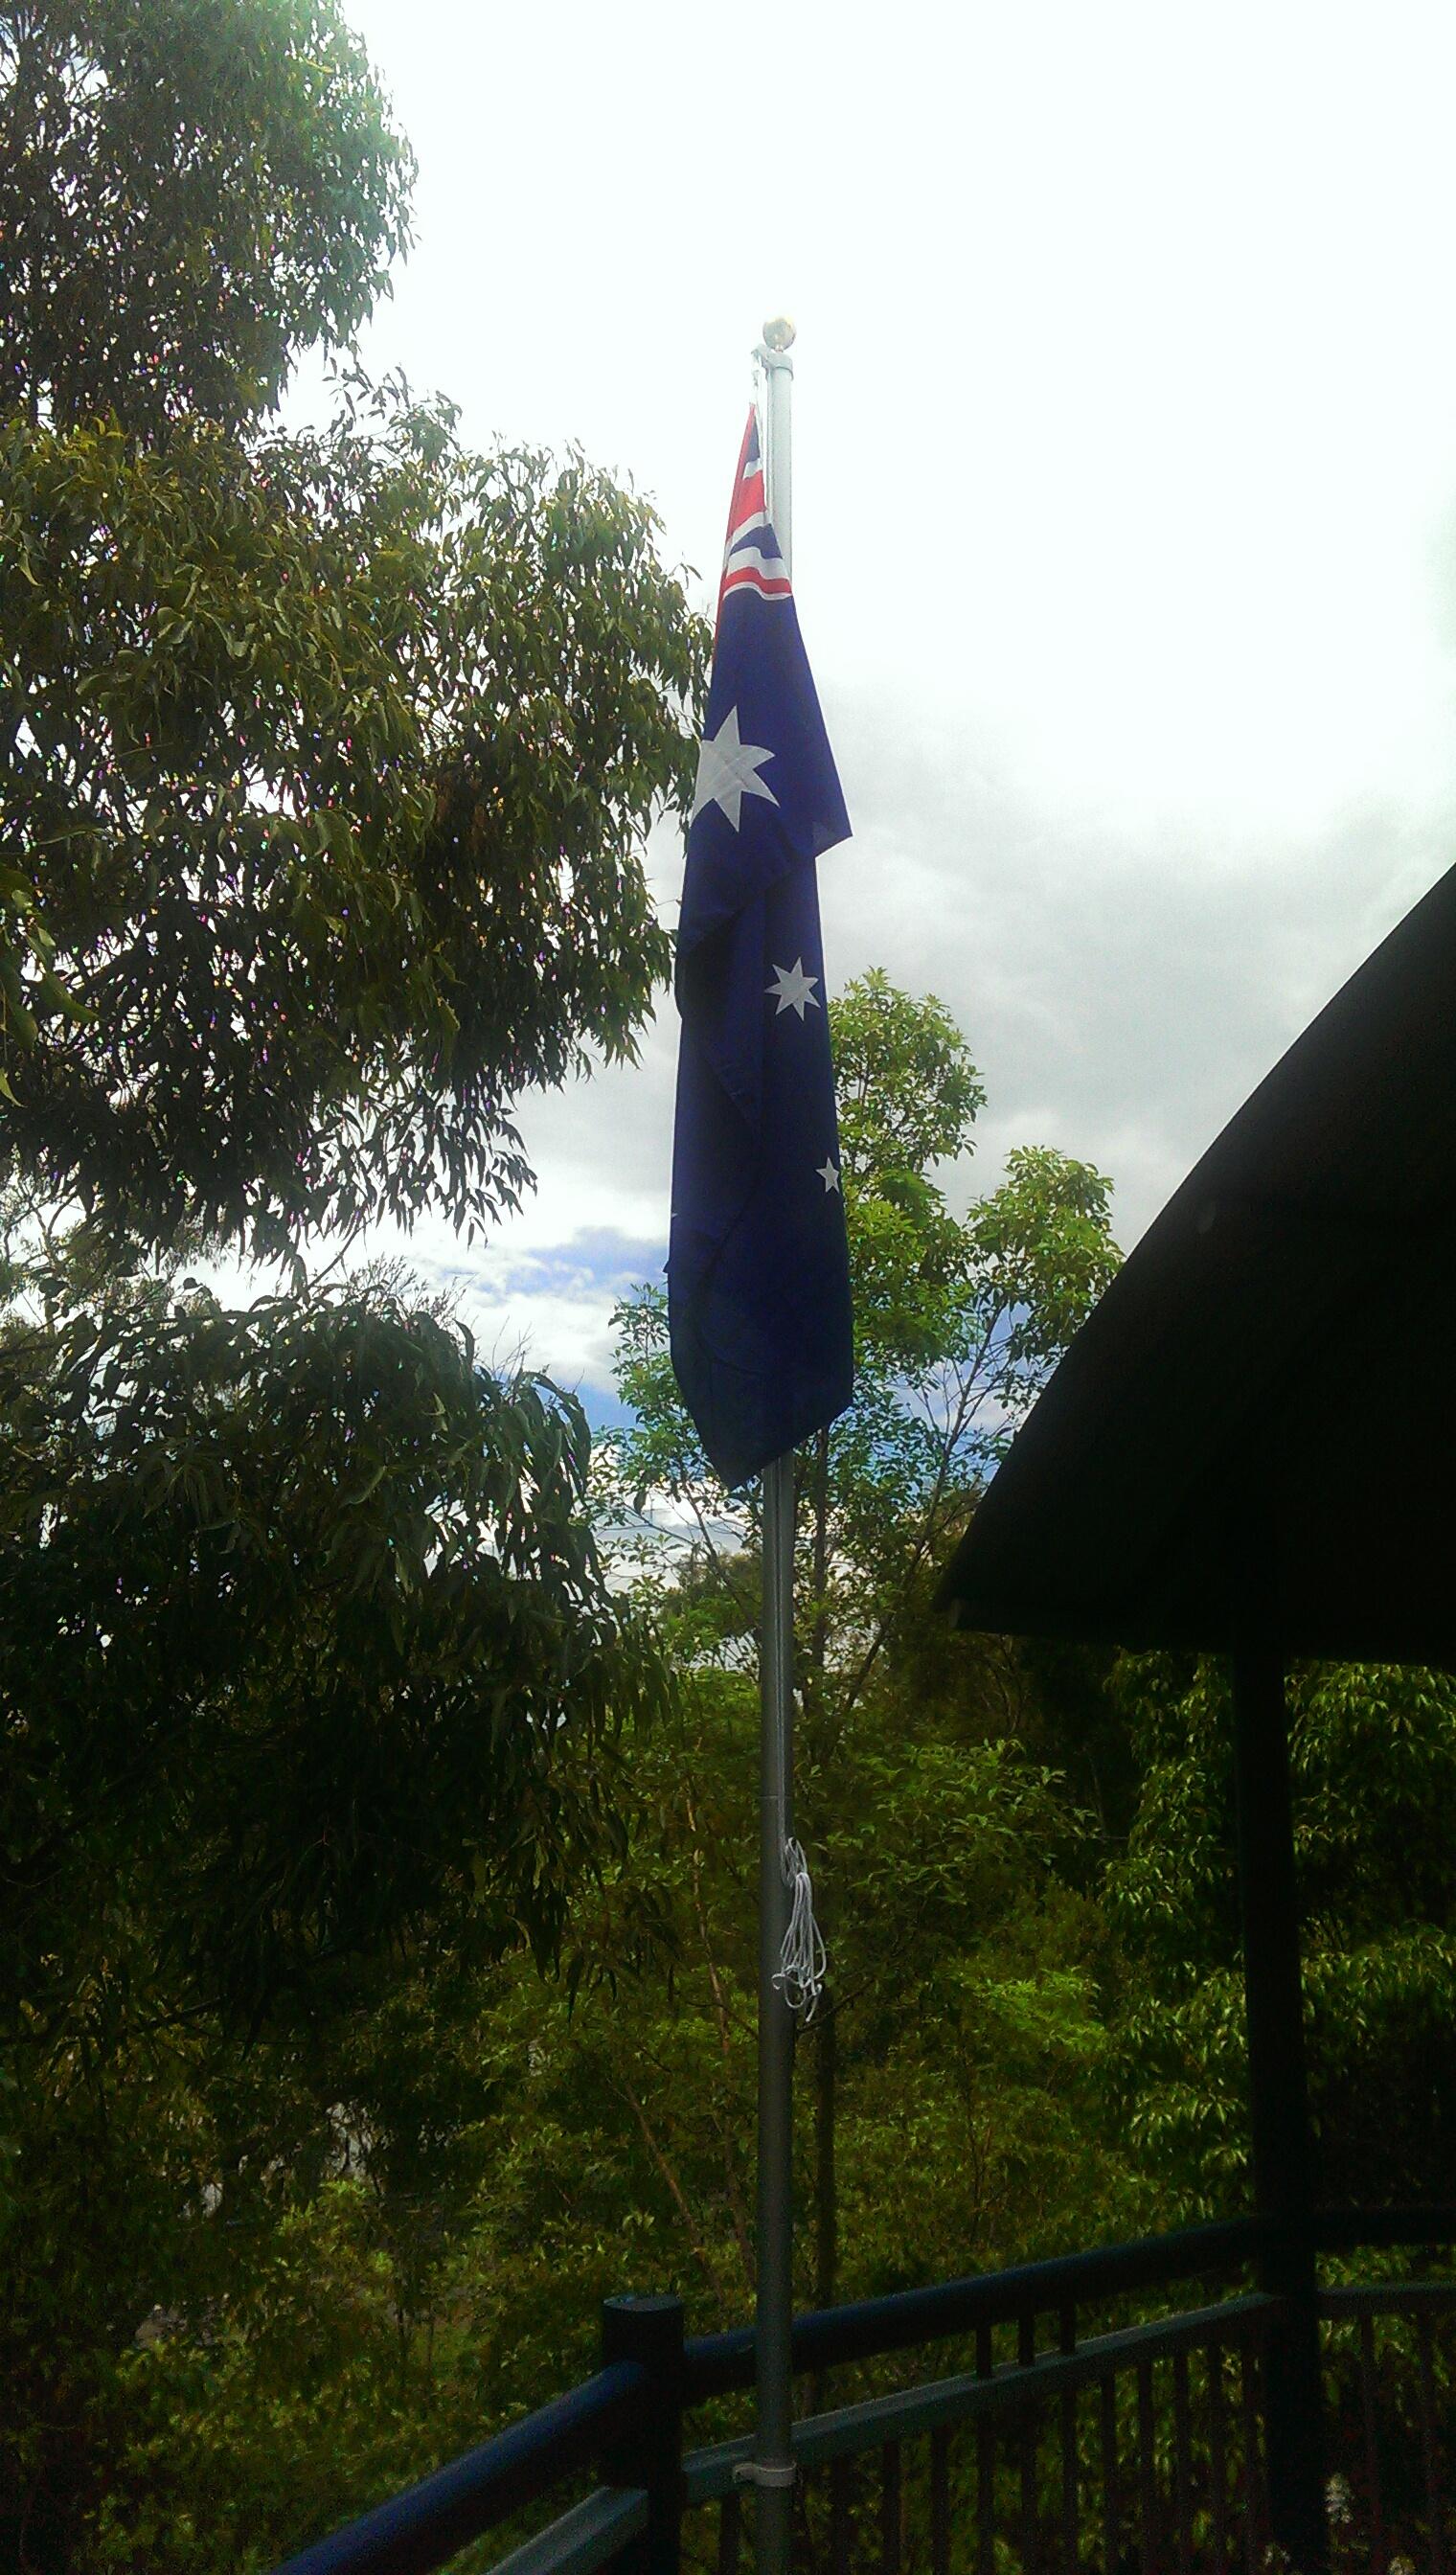 Australian Flag on flagpole